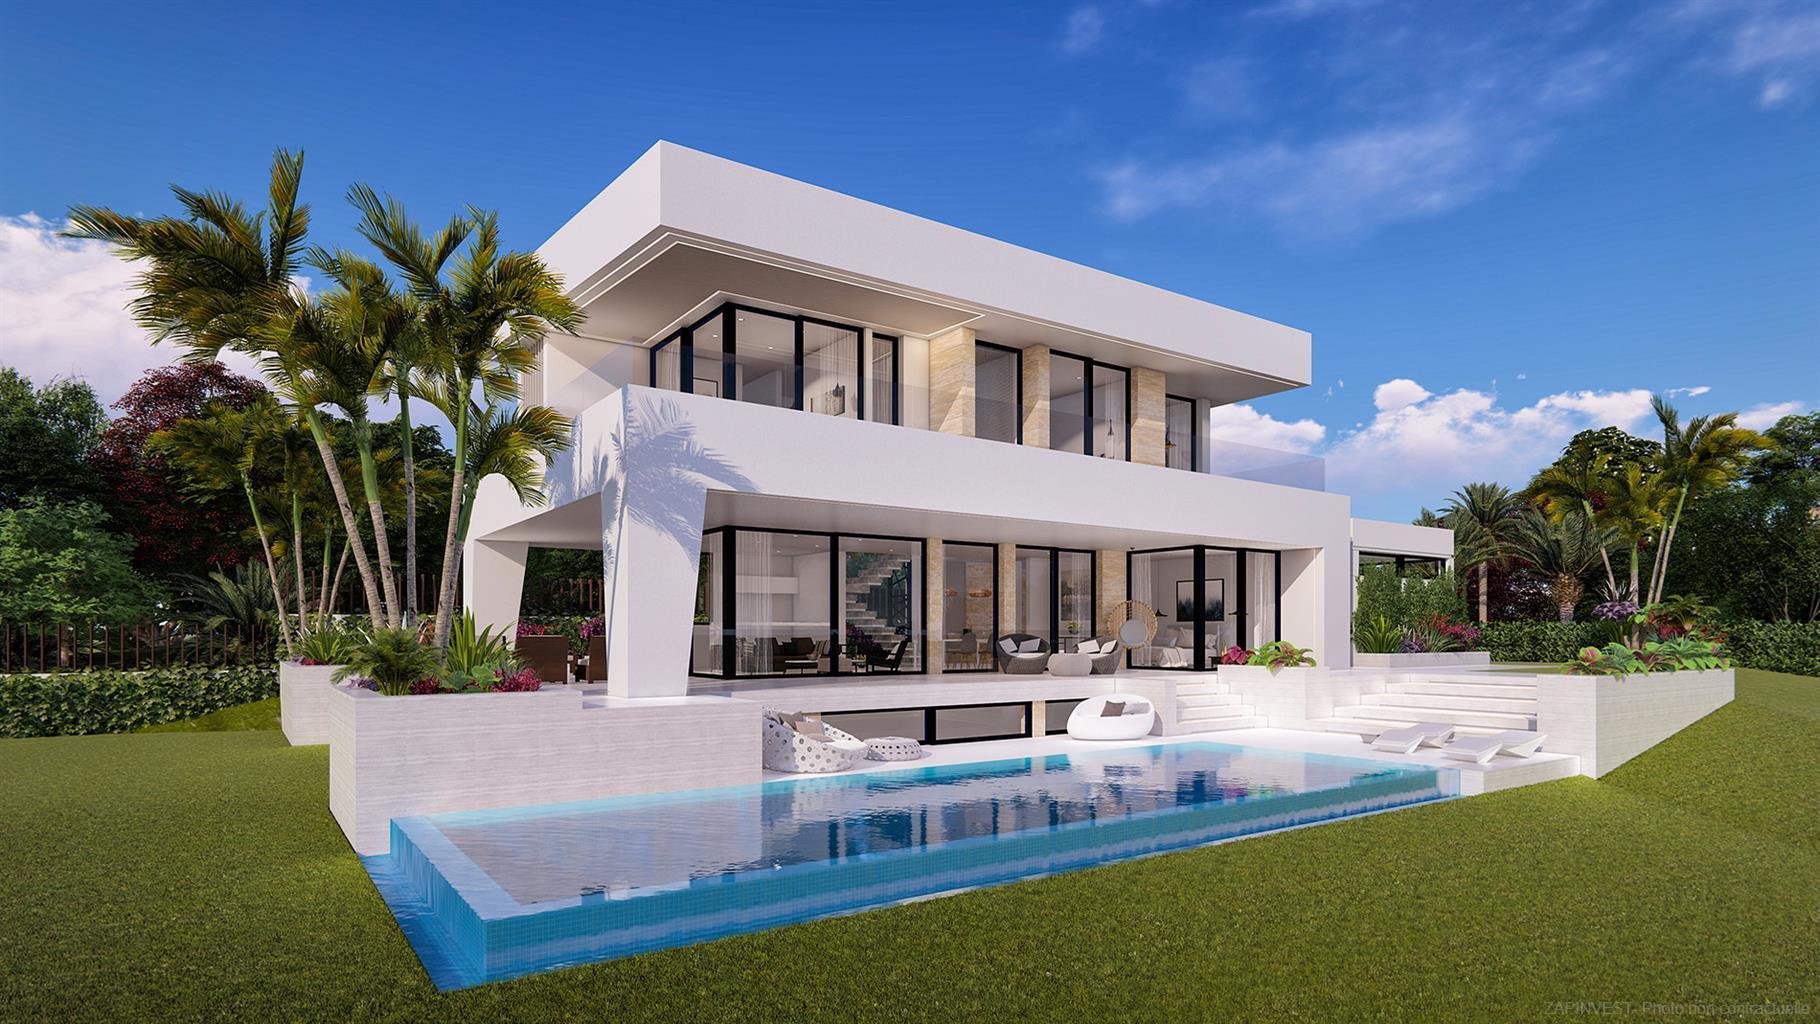 Villa avec design unique, grande piscine privée, superbes vues sur la mer et la montagne, à proximité des plages, restaurants et terrains de golf.